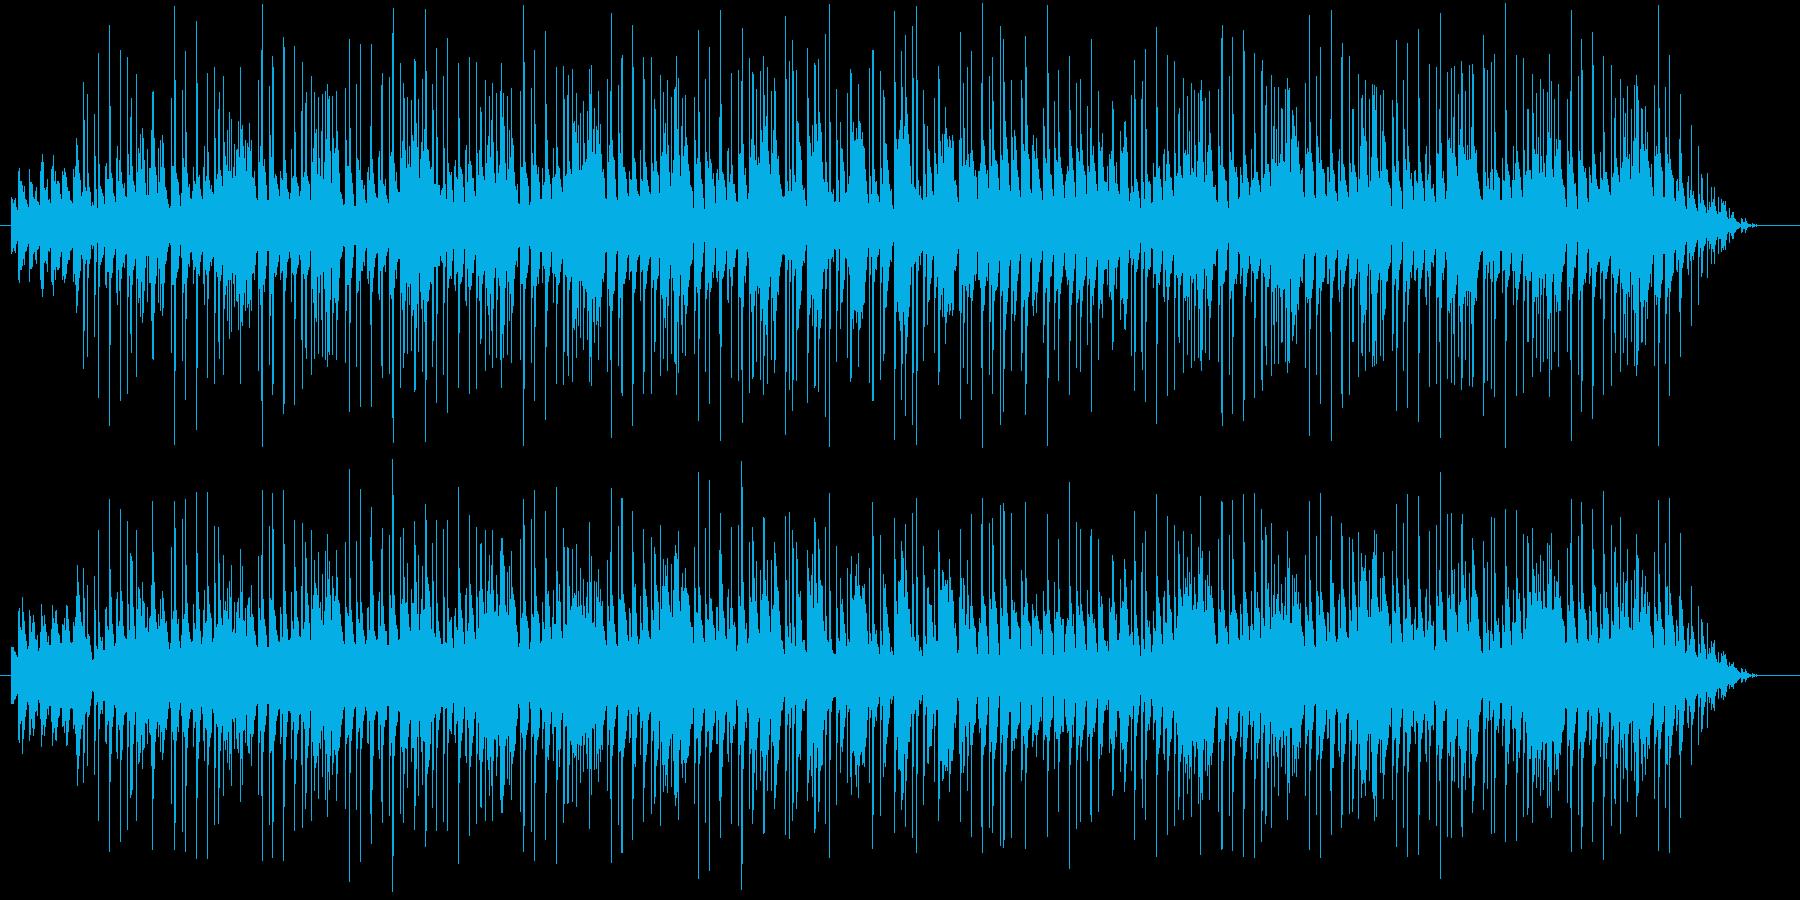 ウキウキ気分の可愛いBGMの再生済みの波形